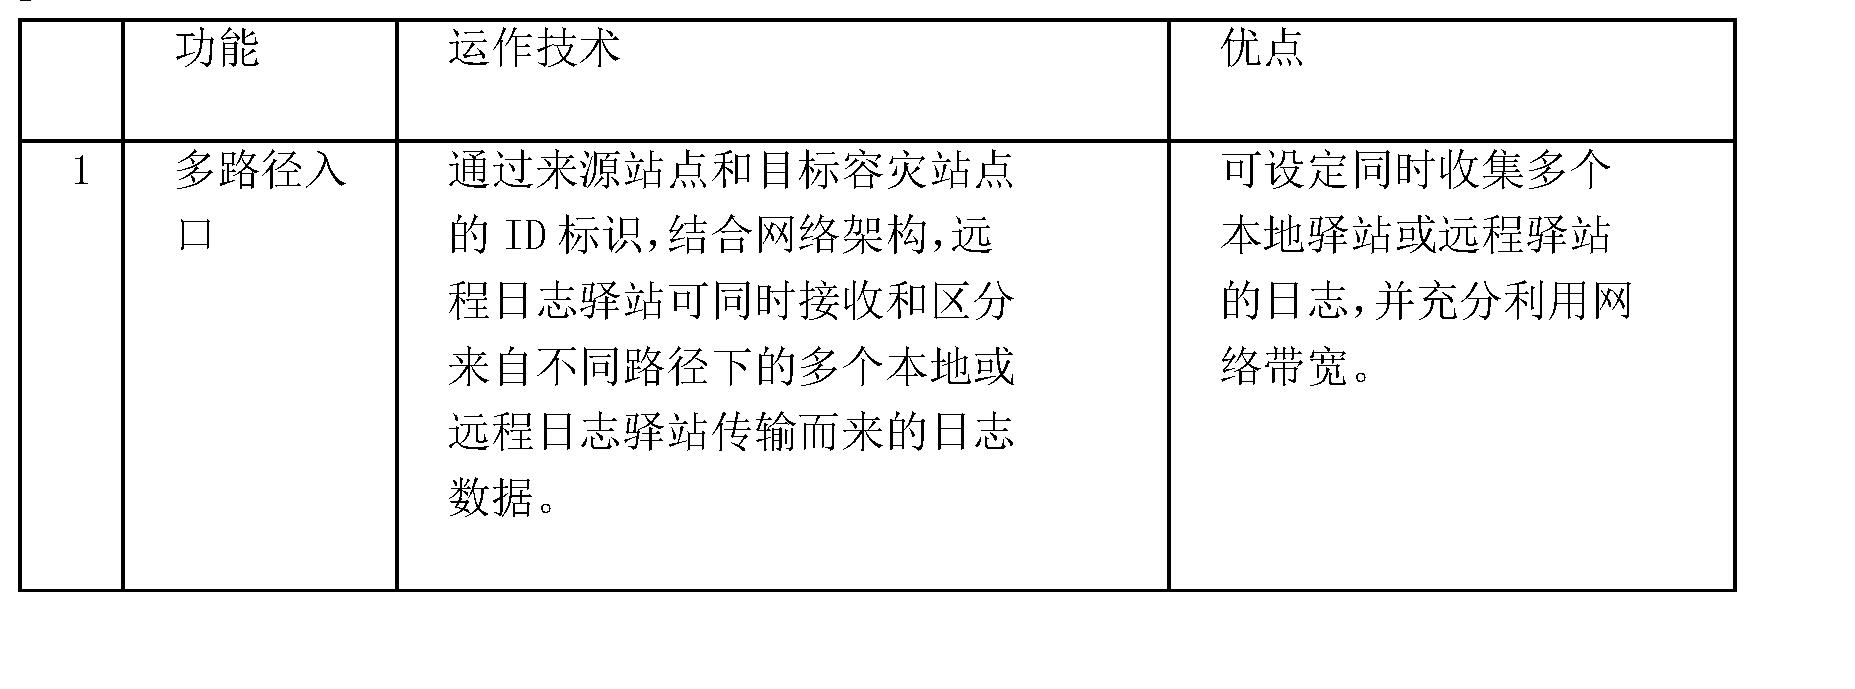 Figure CN101997902BD00082